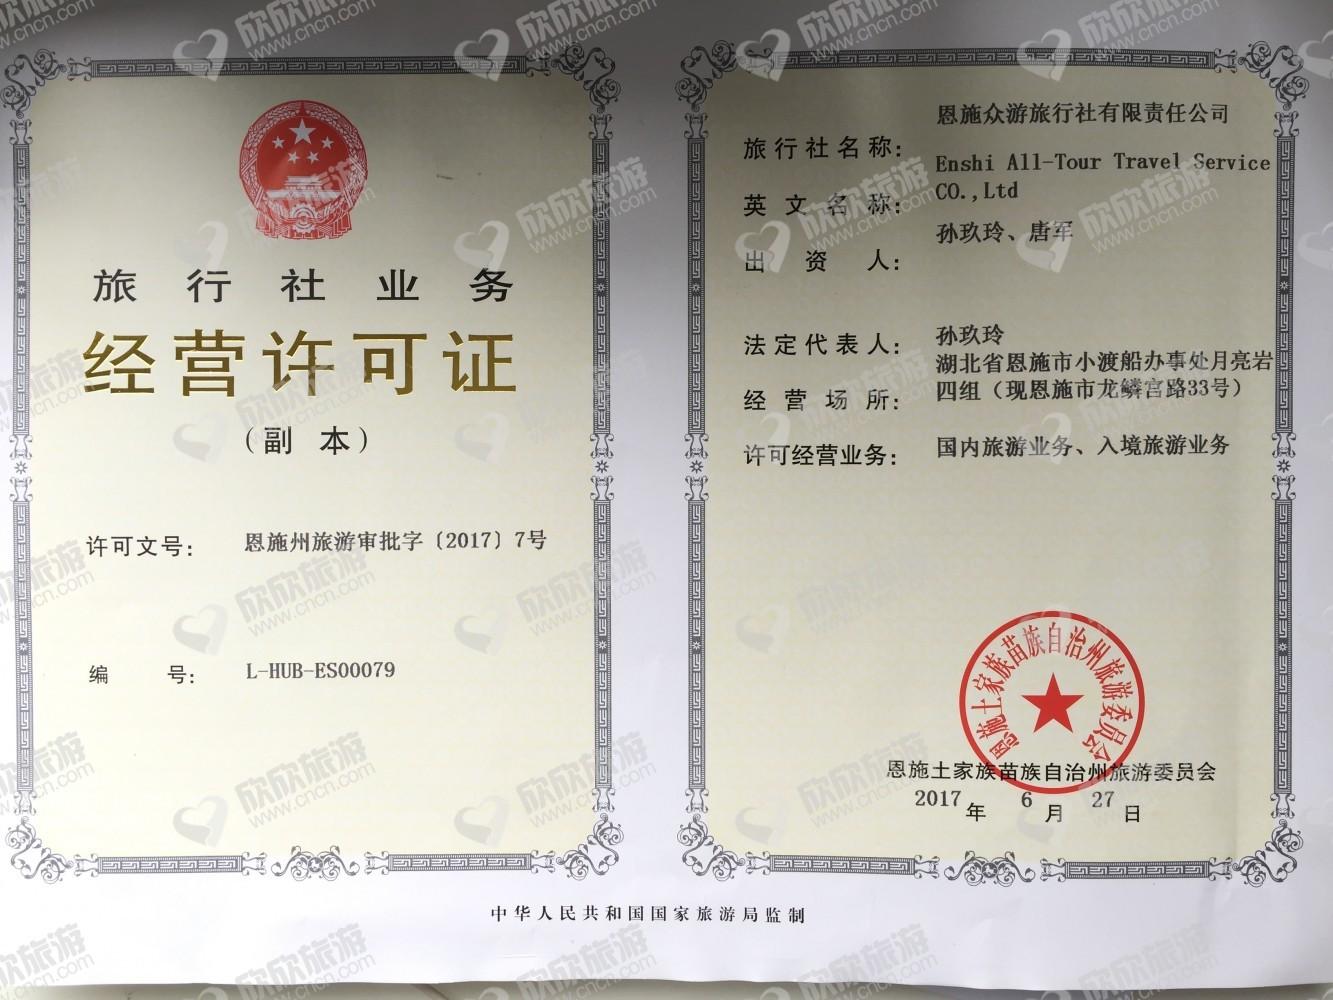 恩施众游旅行社有限责任公司经营许可证